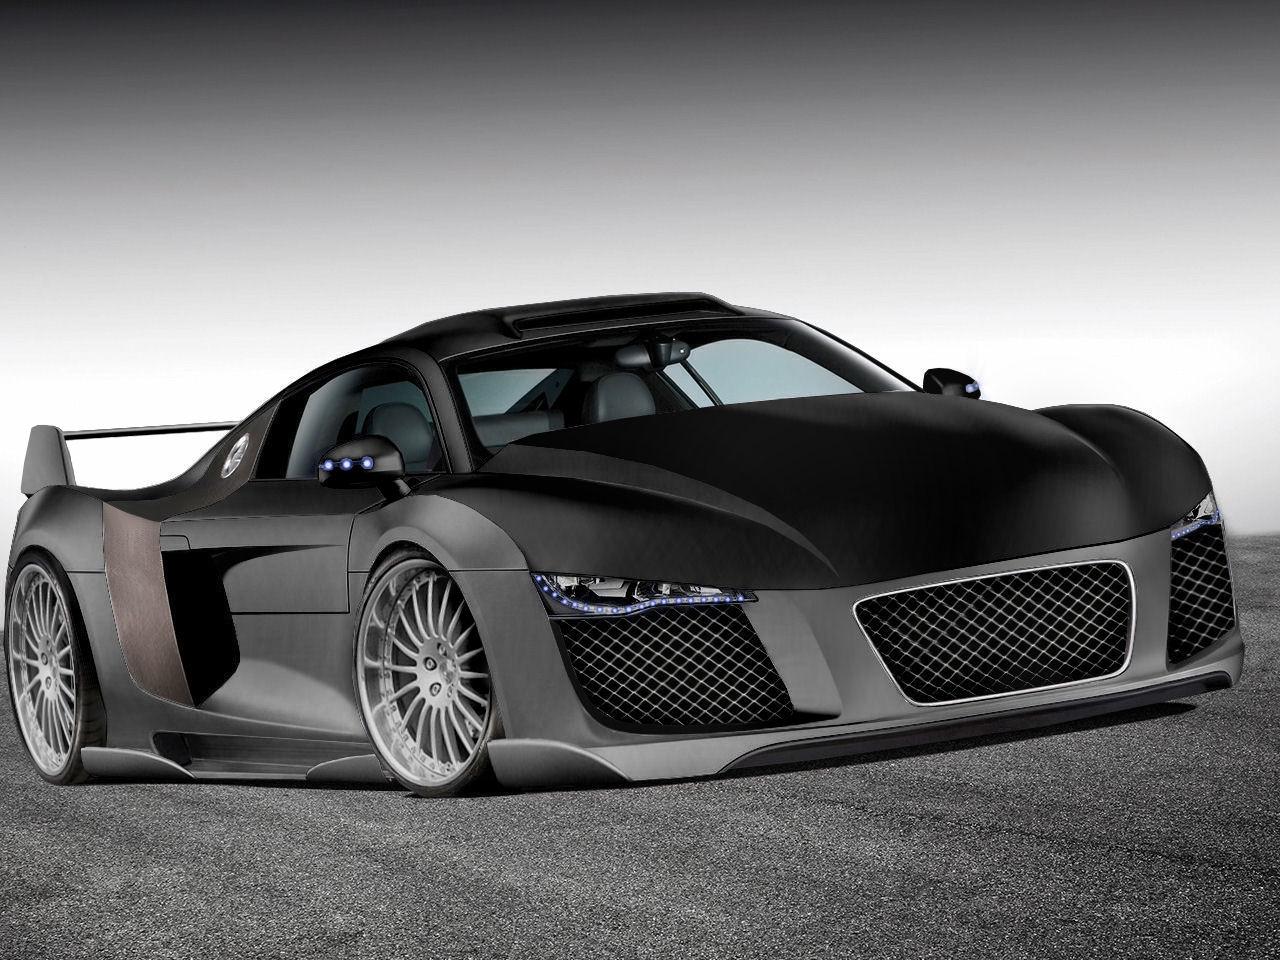 Fake Audi R8 Thaplayaa Pagenstecher De Deine Automeile Im Netz